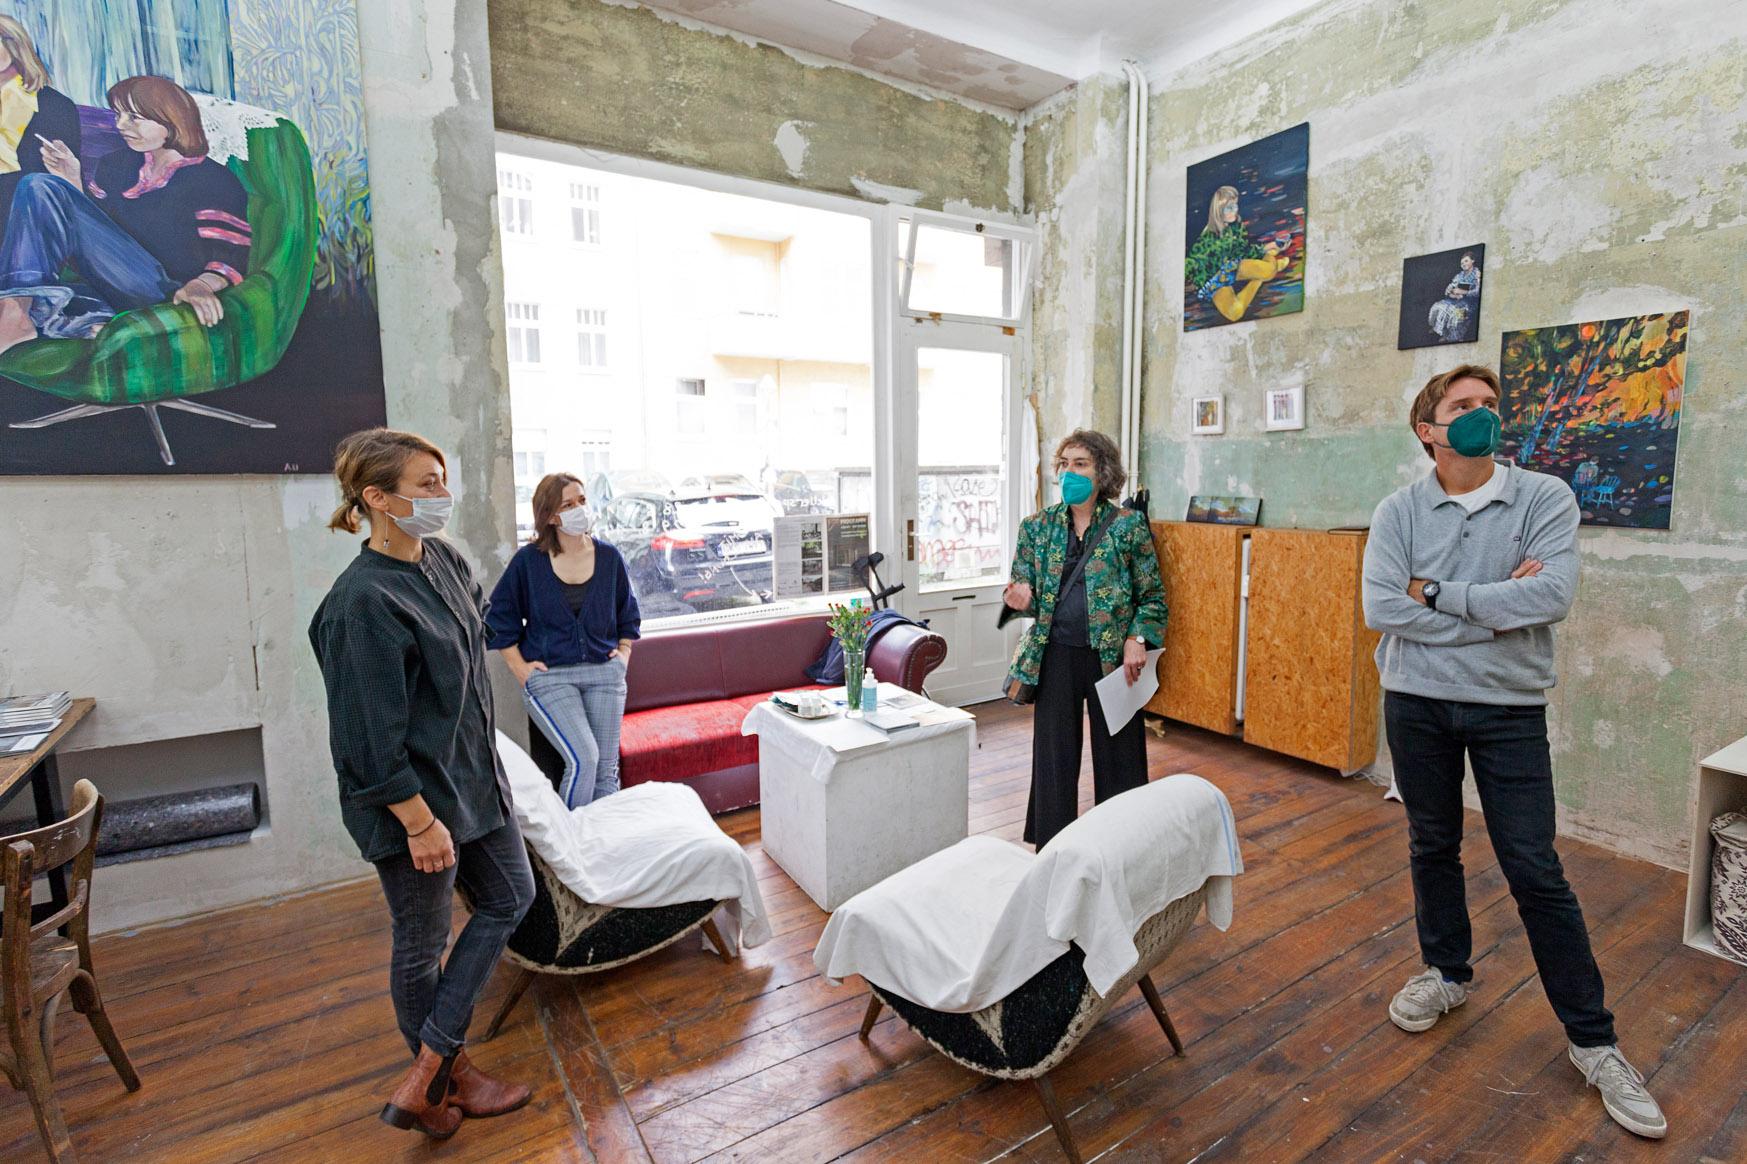 Atelierspaziergang mit Dr. Helen Adkins, Atelier Bohge und Ukuri